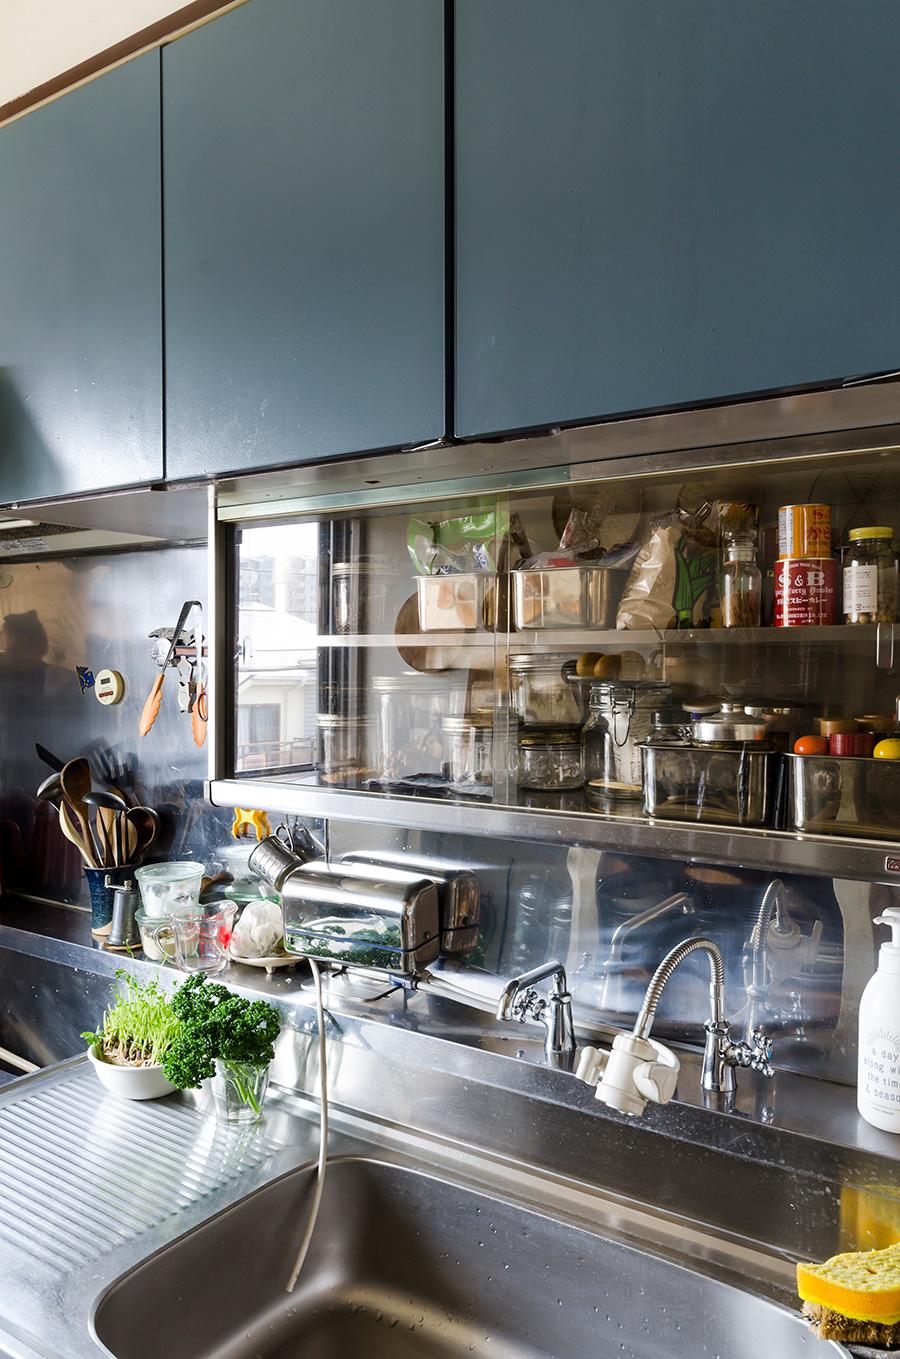 キッチンの収納は、もともとの色を活かして塗り替えた。ガラスケースのような造り付けの棚がお気に入り。